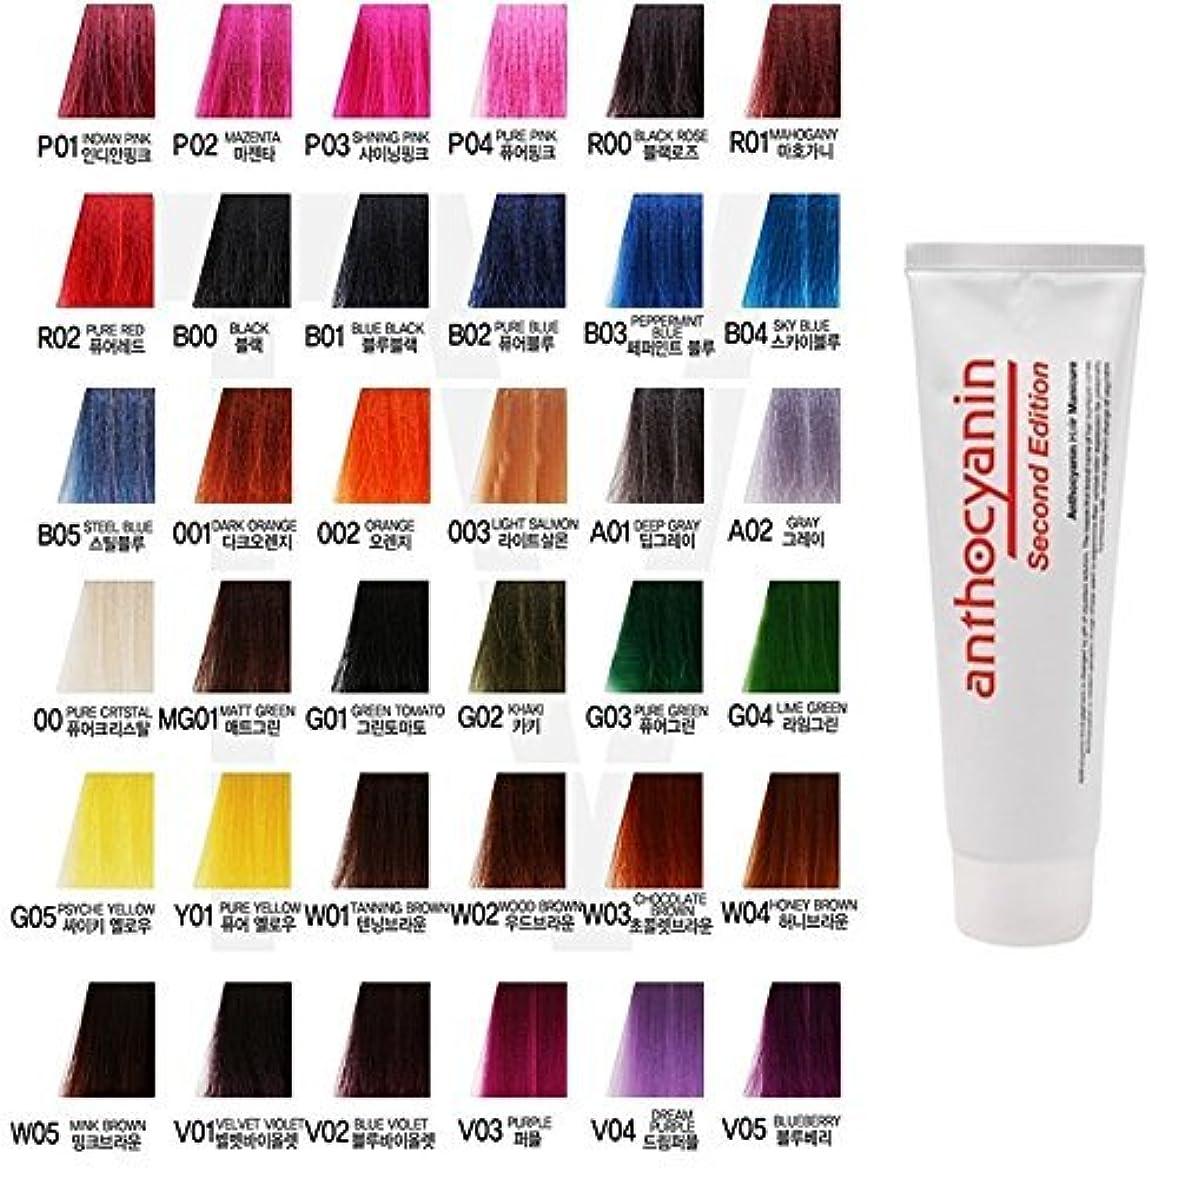 引き渡すスラダム弾薬ヘア マニキュア カラー セカンド エディション 230g セミ パーマネント 染毛剤 ( Hair Manicure Color Second Edition 230g Semi Permanent Hair Dye) [並行輸入品] (O02 Orange)